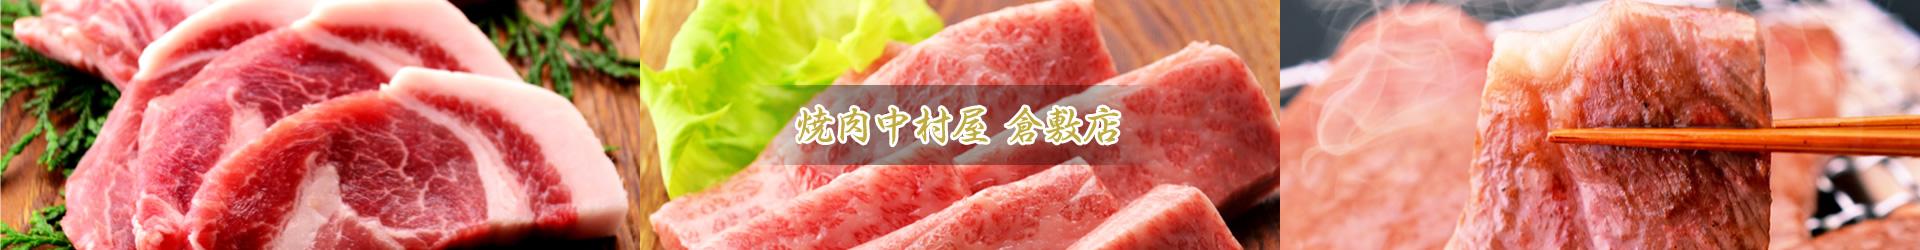 焼肉中村屋 倉敷店